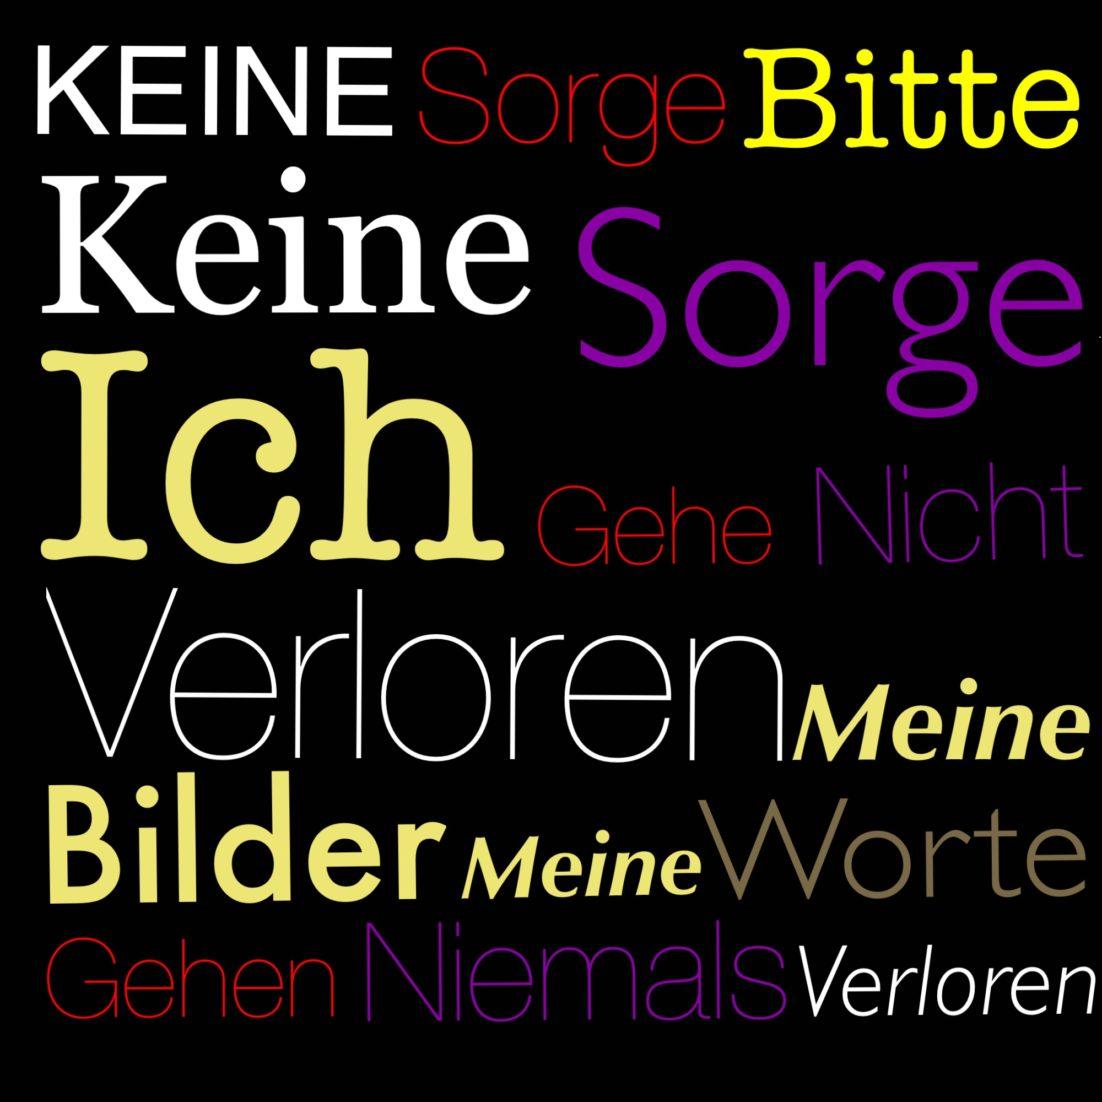 KEINE SORGE Brigitte Windt. Text als Textbild in verschiedener Typologie und Farbgebung